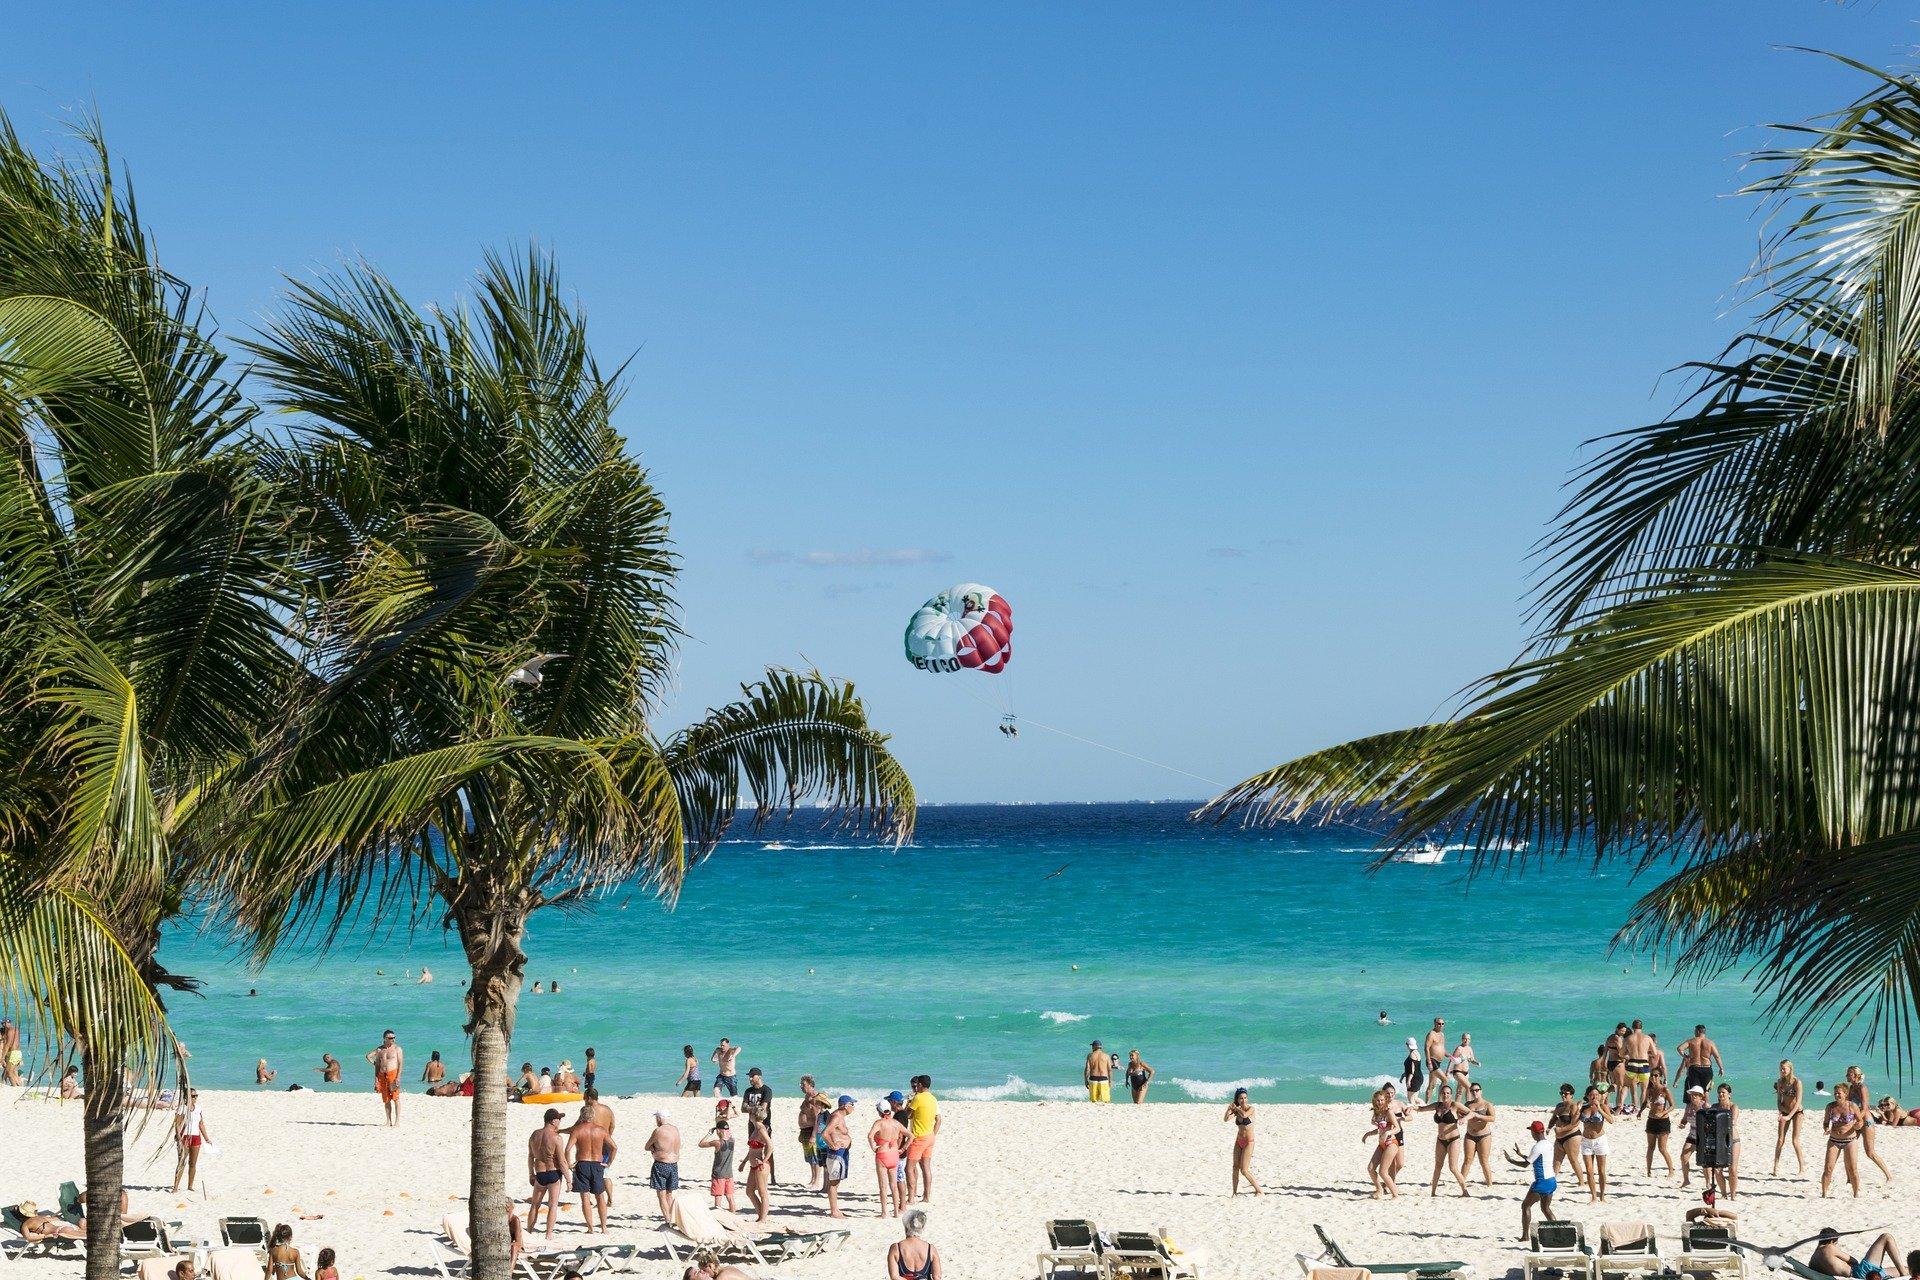 Turismo nacional reactivará al sector en el verano: Concanaco Servytur